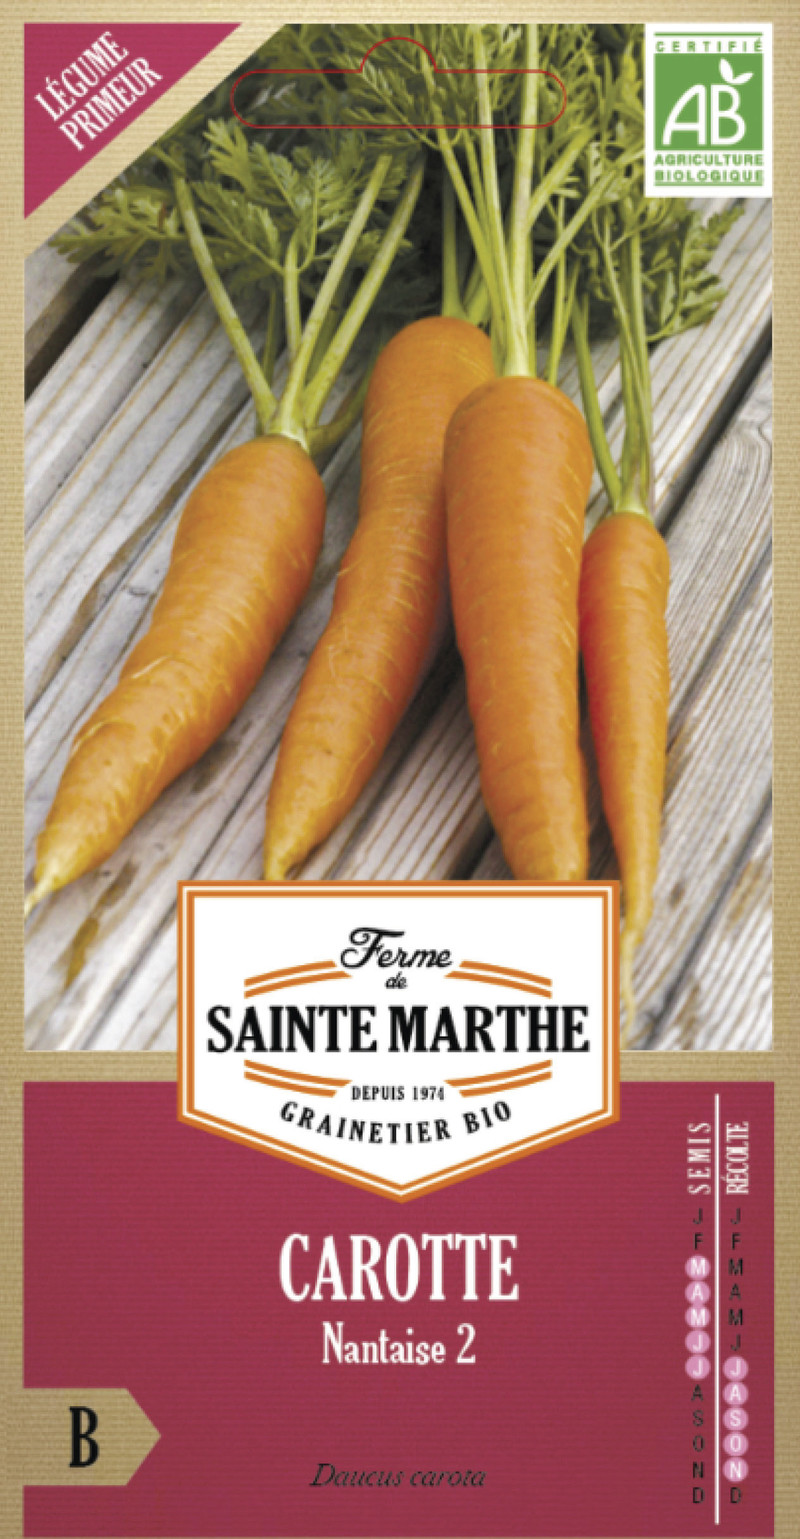 carotte nantaise amelioree bio la ferme de sainte marthe graine semence potager sachet semis - Voir en grand